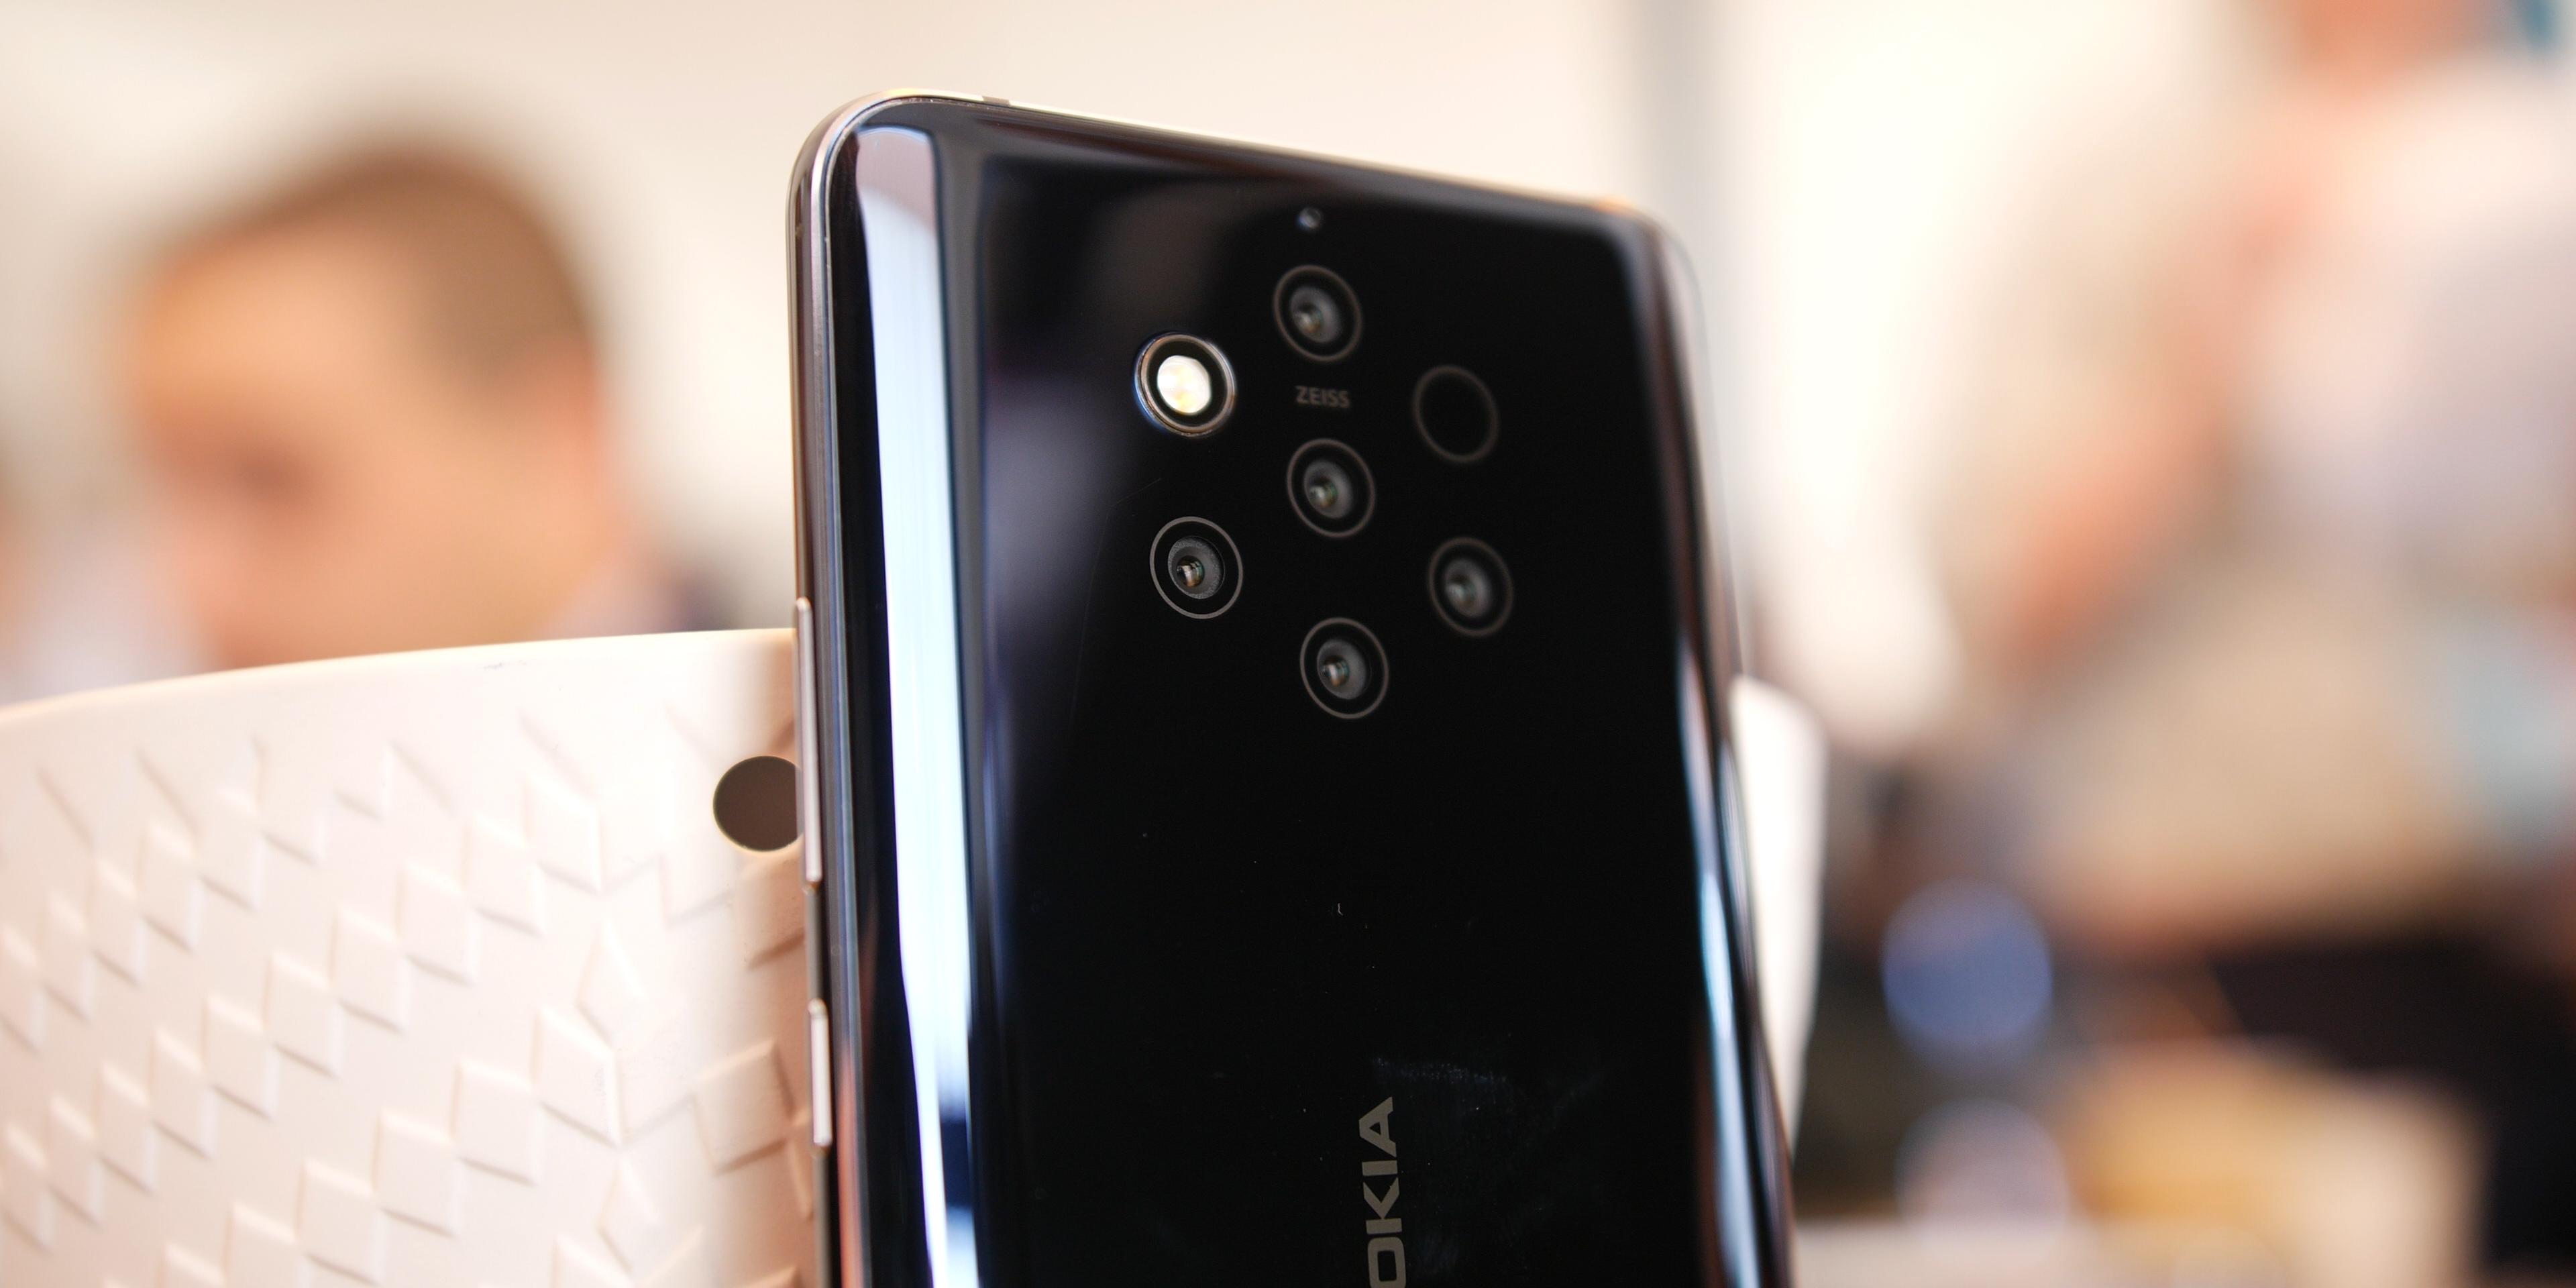 Nokia 9 PureView camera